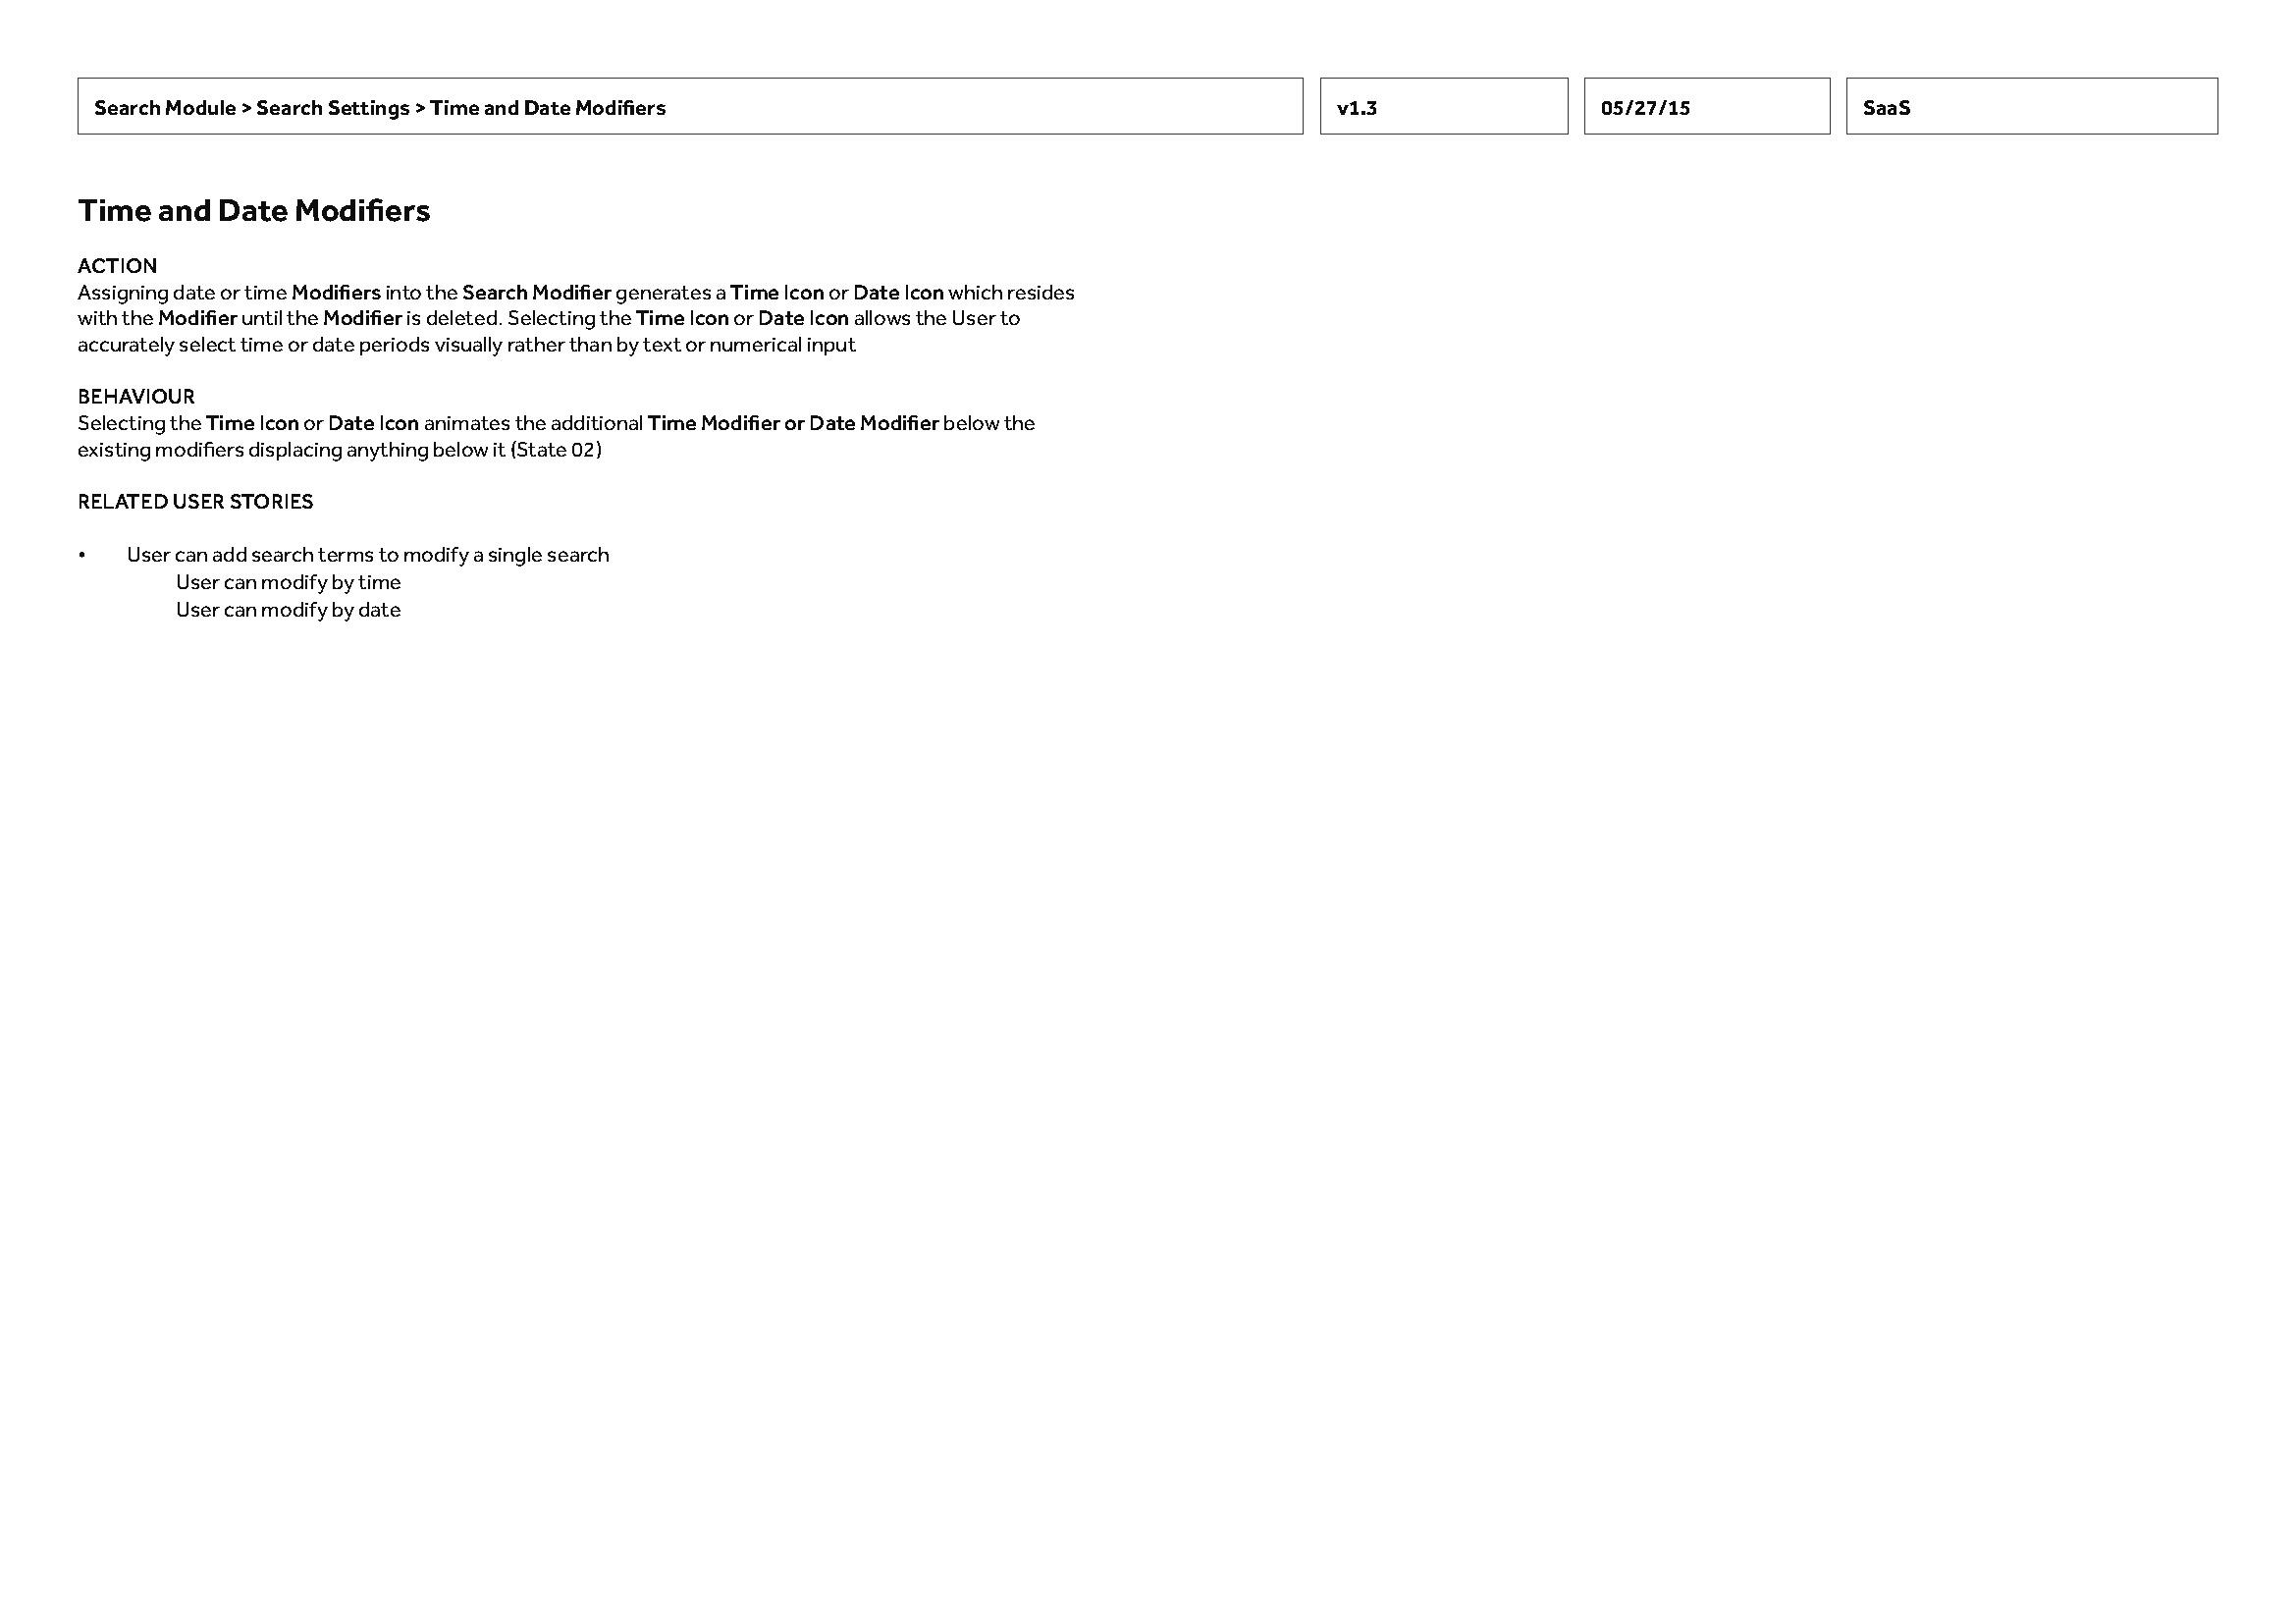 sonr_UXManual_v1.3_Page_10.jpg